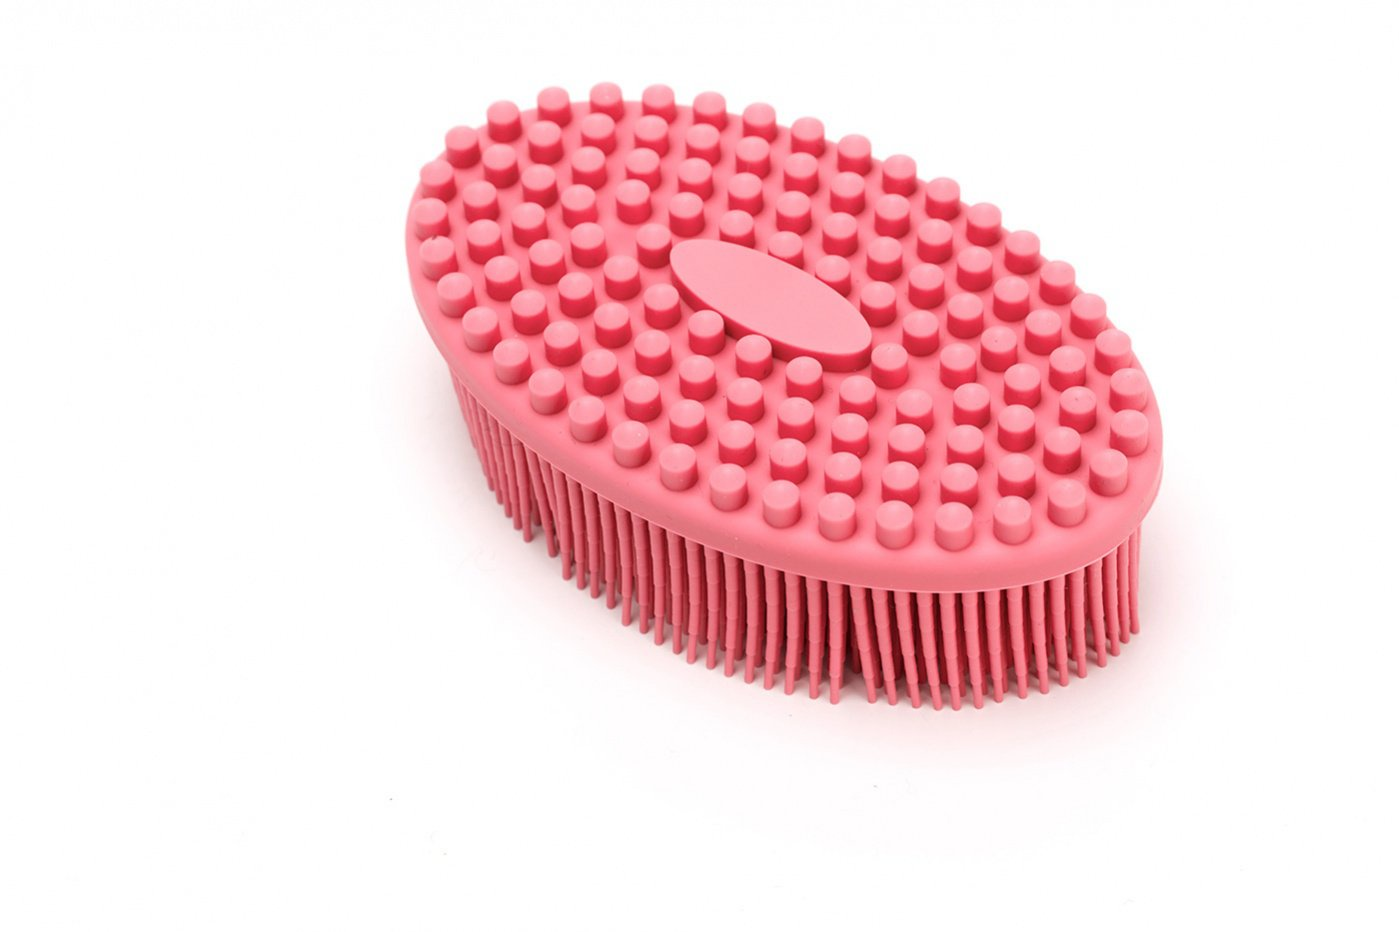 Щетка массажная Bradex для тела «АКТИНИЯ» KZ 0459, нежно-розовый щетка массажная bradex для тела актиния kz 0457 сиреневый